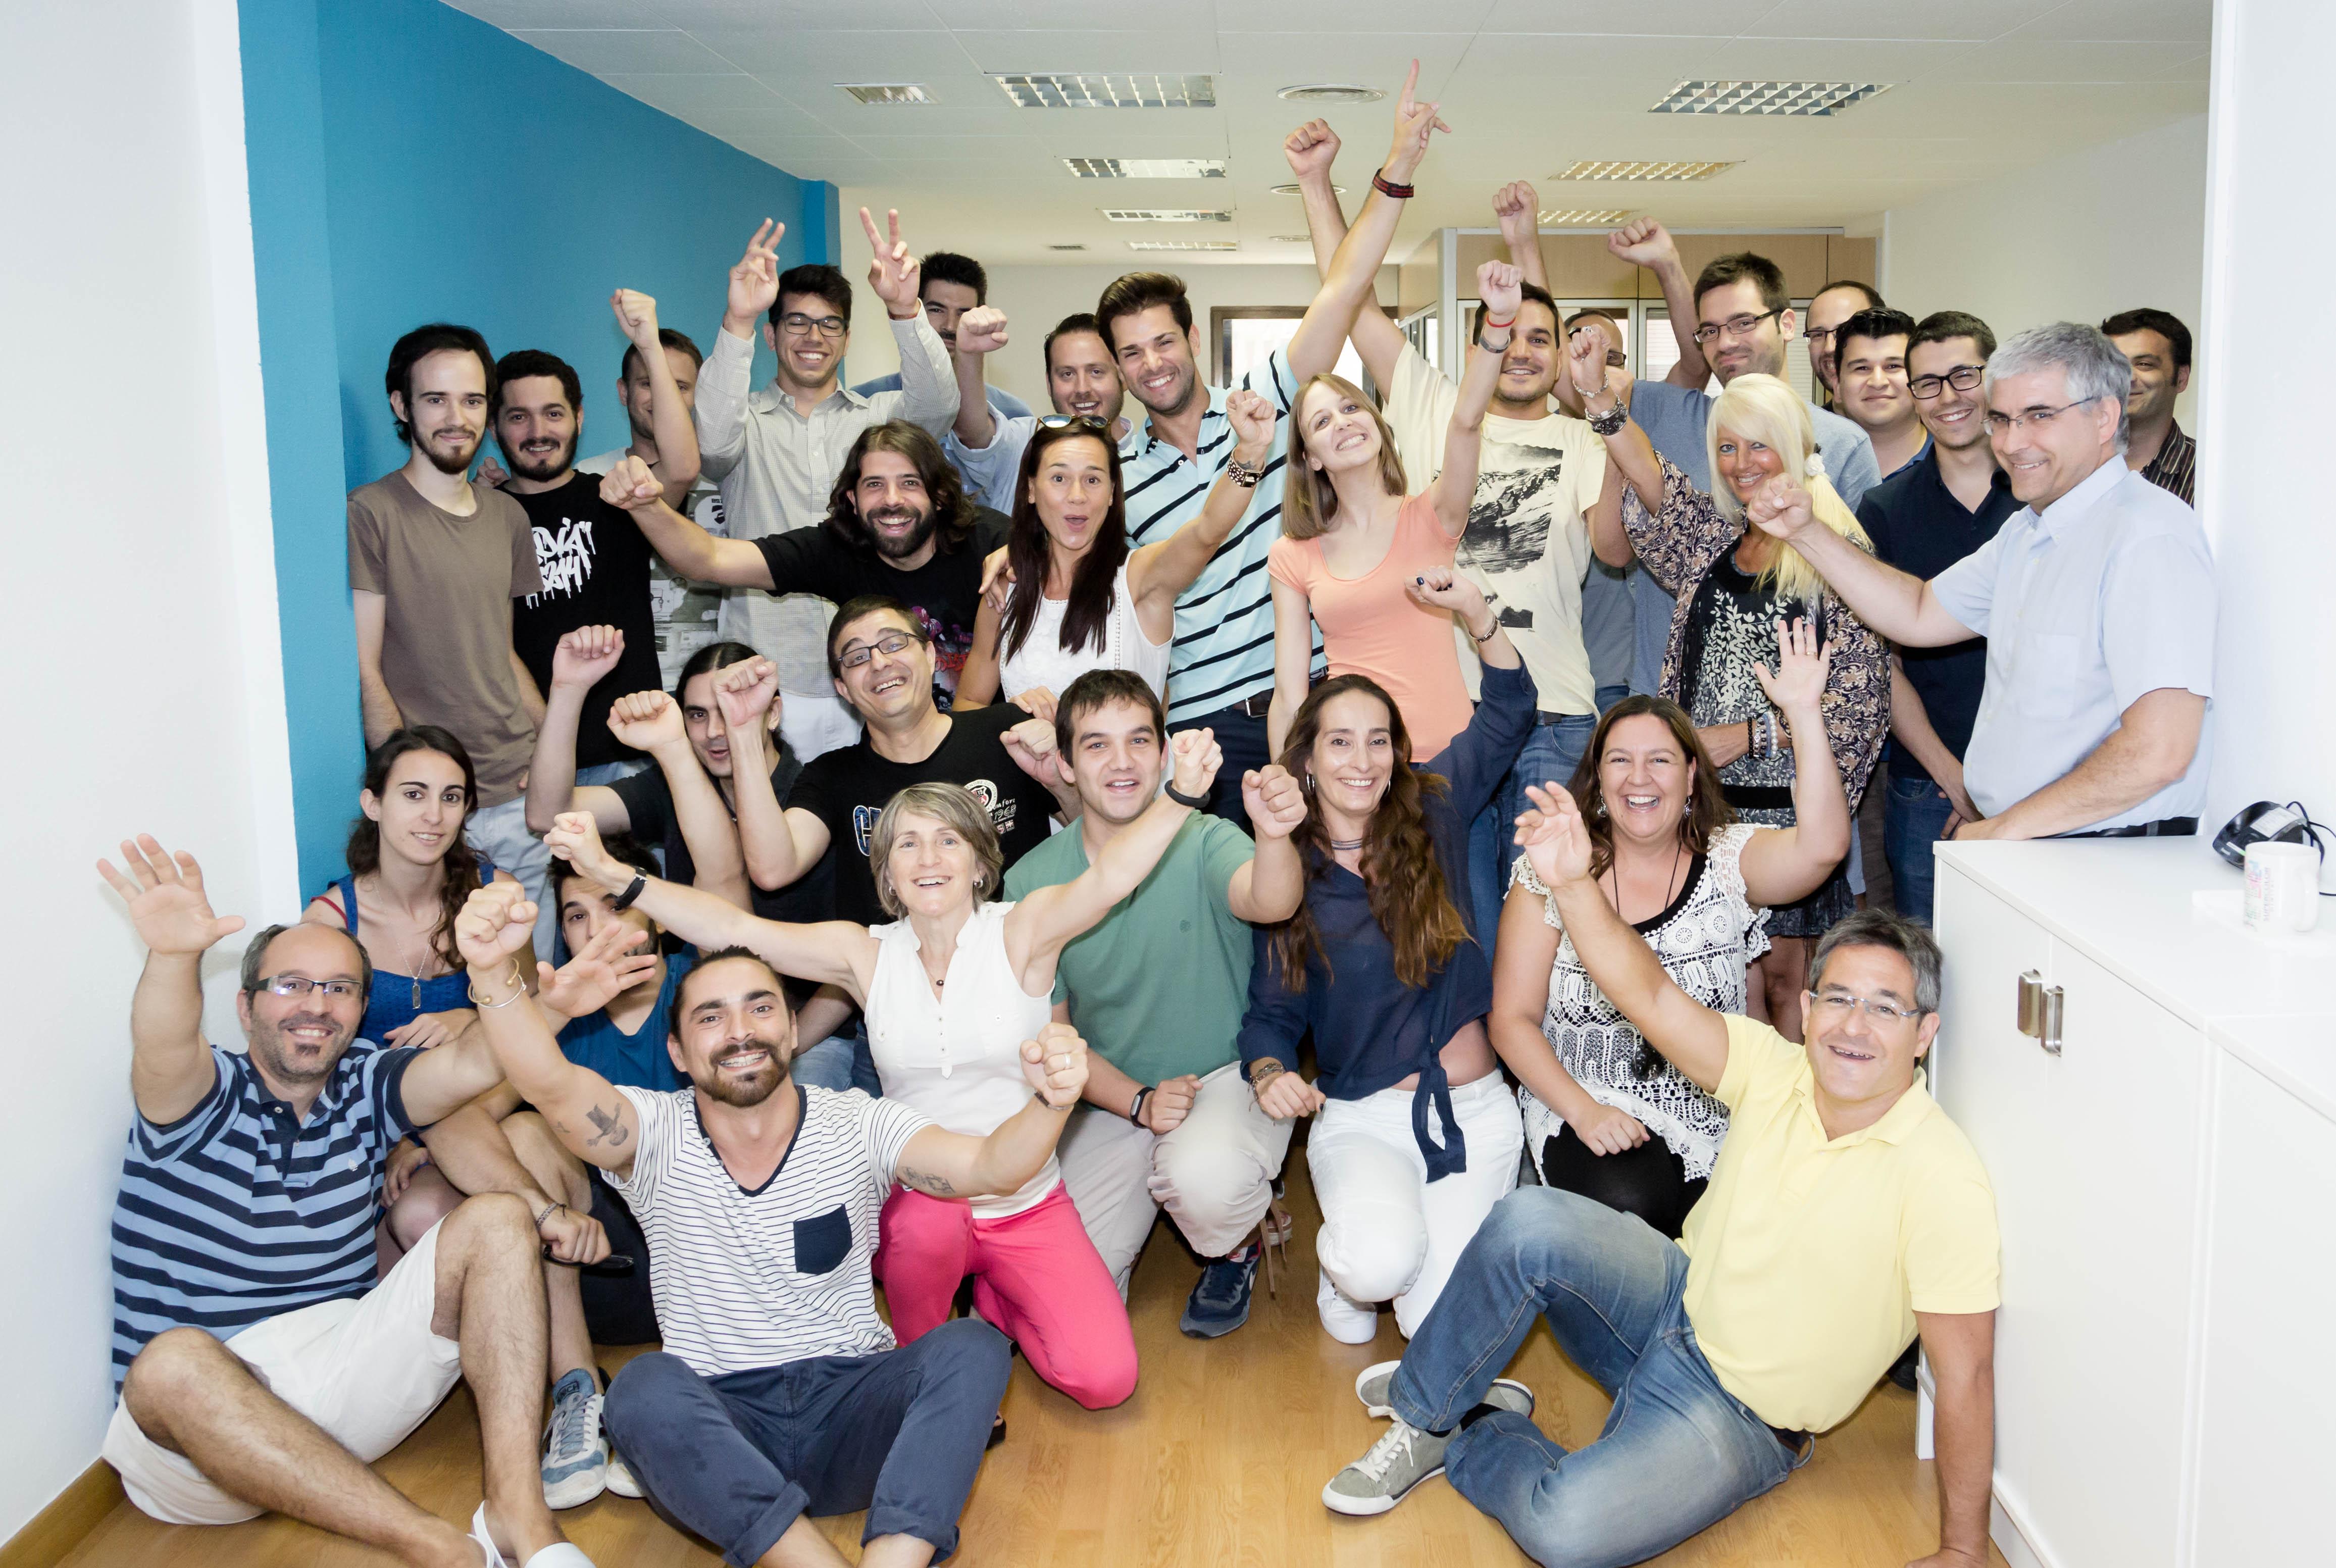 [PRENSA] Talent Clue cierra una inversión cercana al 1,5 millones de euros para su expansión internacional